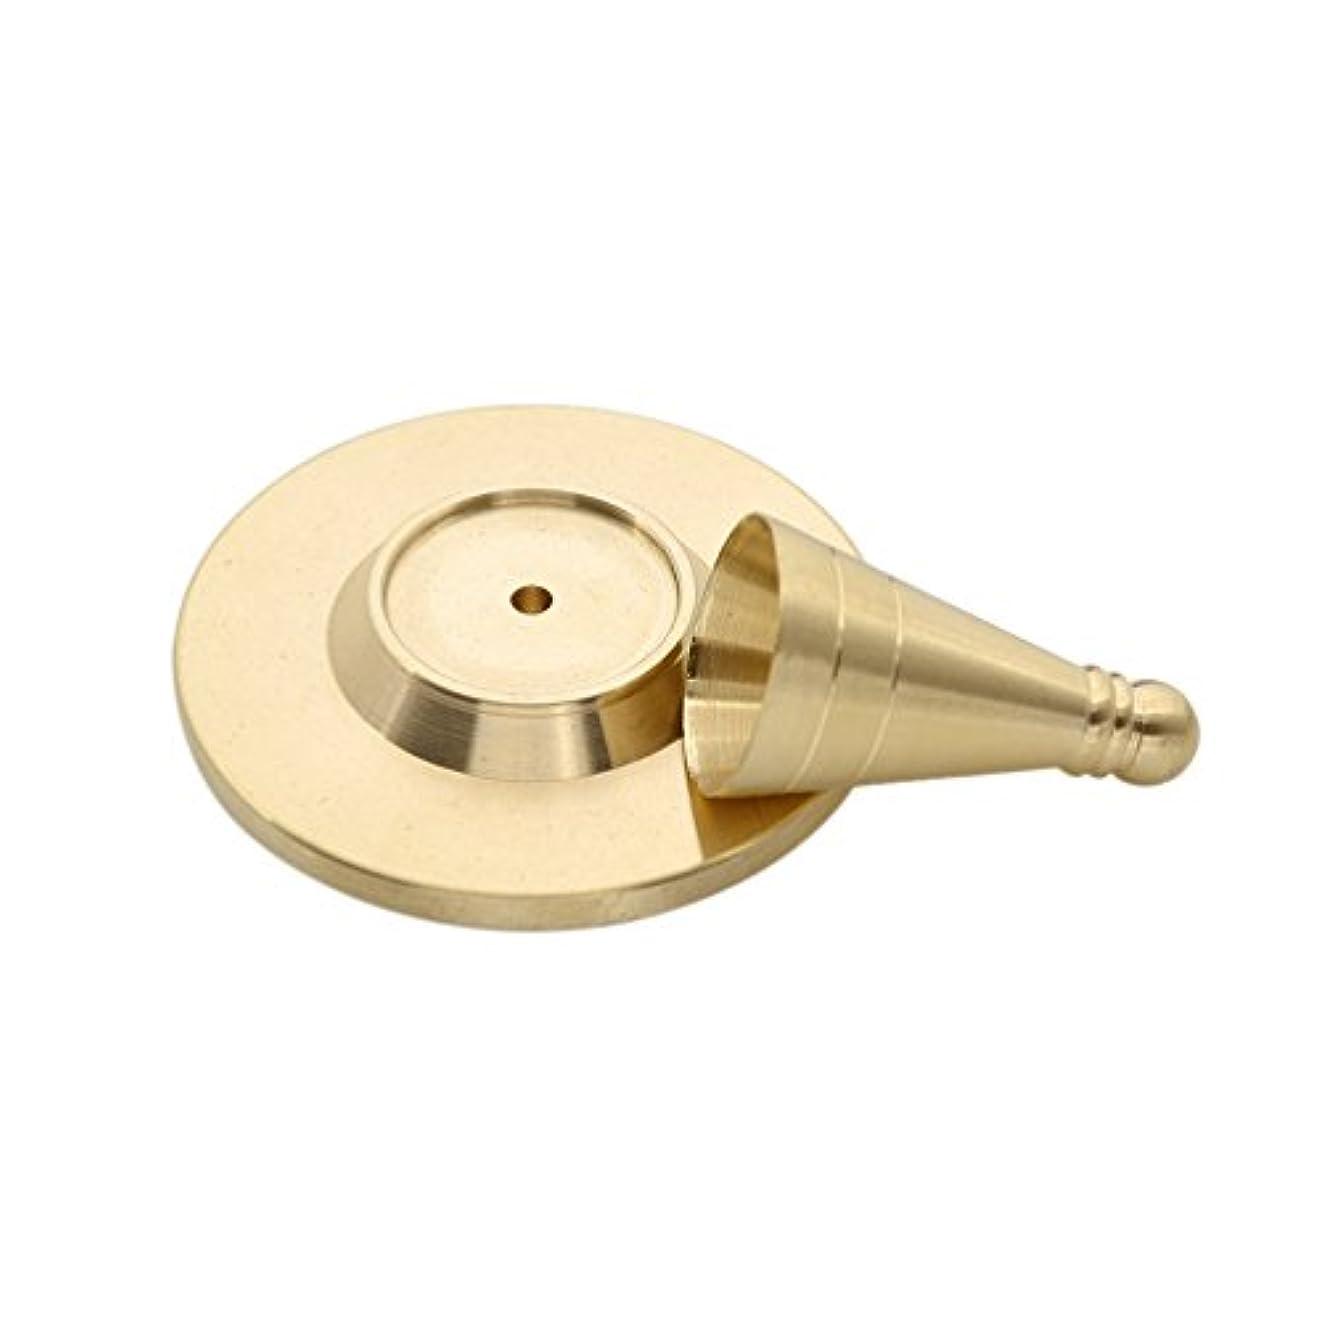 薬を飲む全部スキム(ライチ) Lychee 手作り お香 DIY用 ツール インセンス コーンタイプ 円錐 モールド 自家製 高さ3.5cm